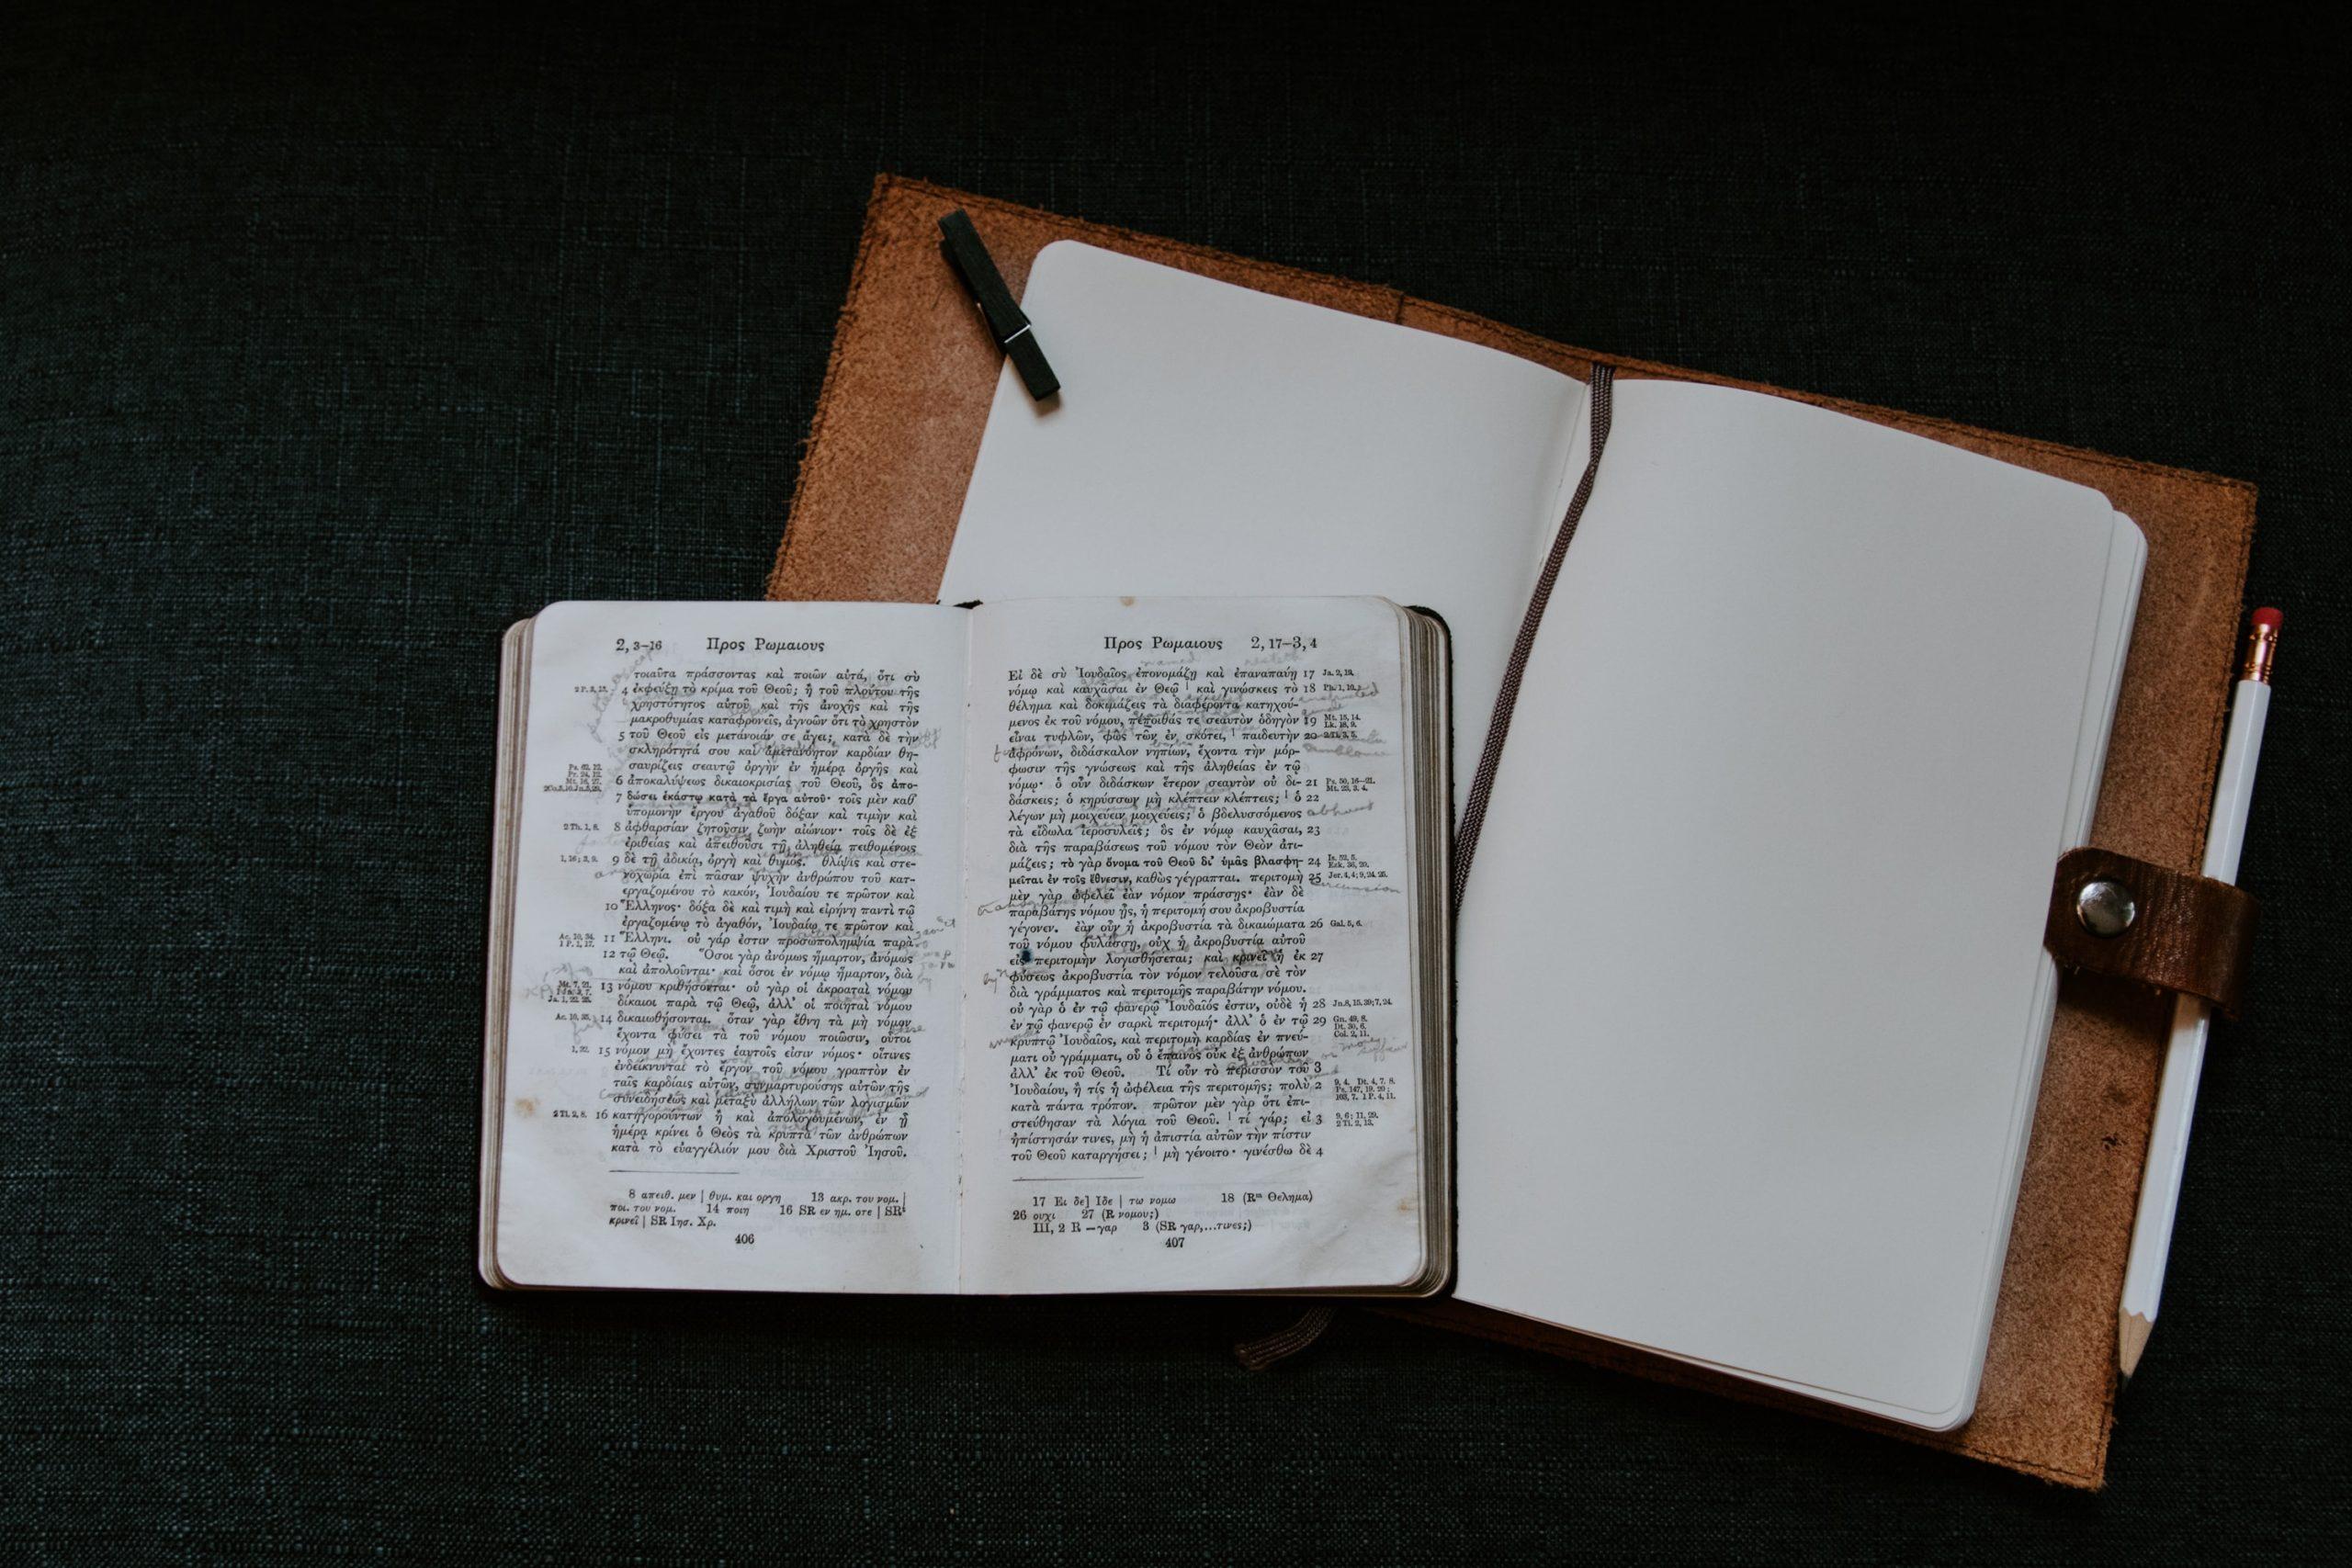 livro e caderno em branco ao lado